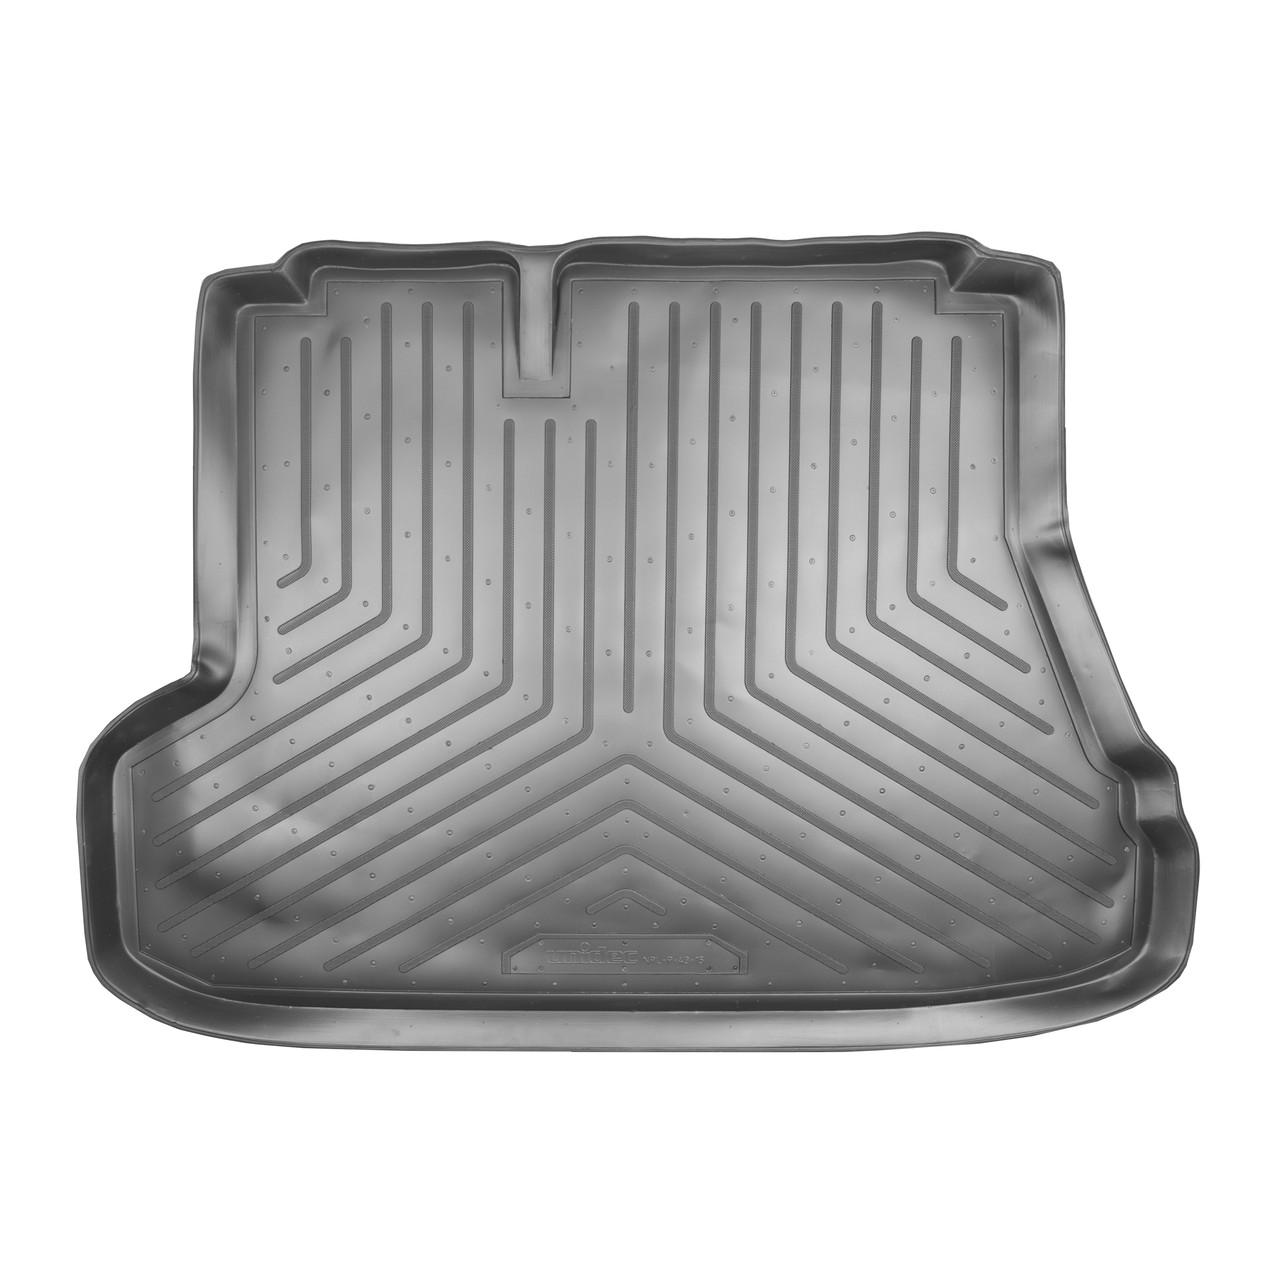 Коврик в багажник Kia Cerato (FE) SD (2004-2006)